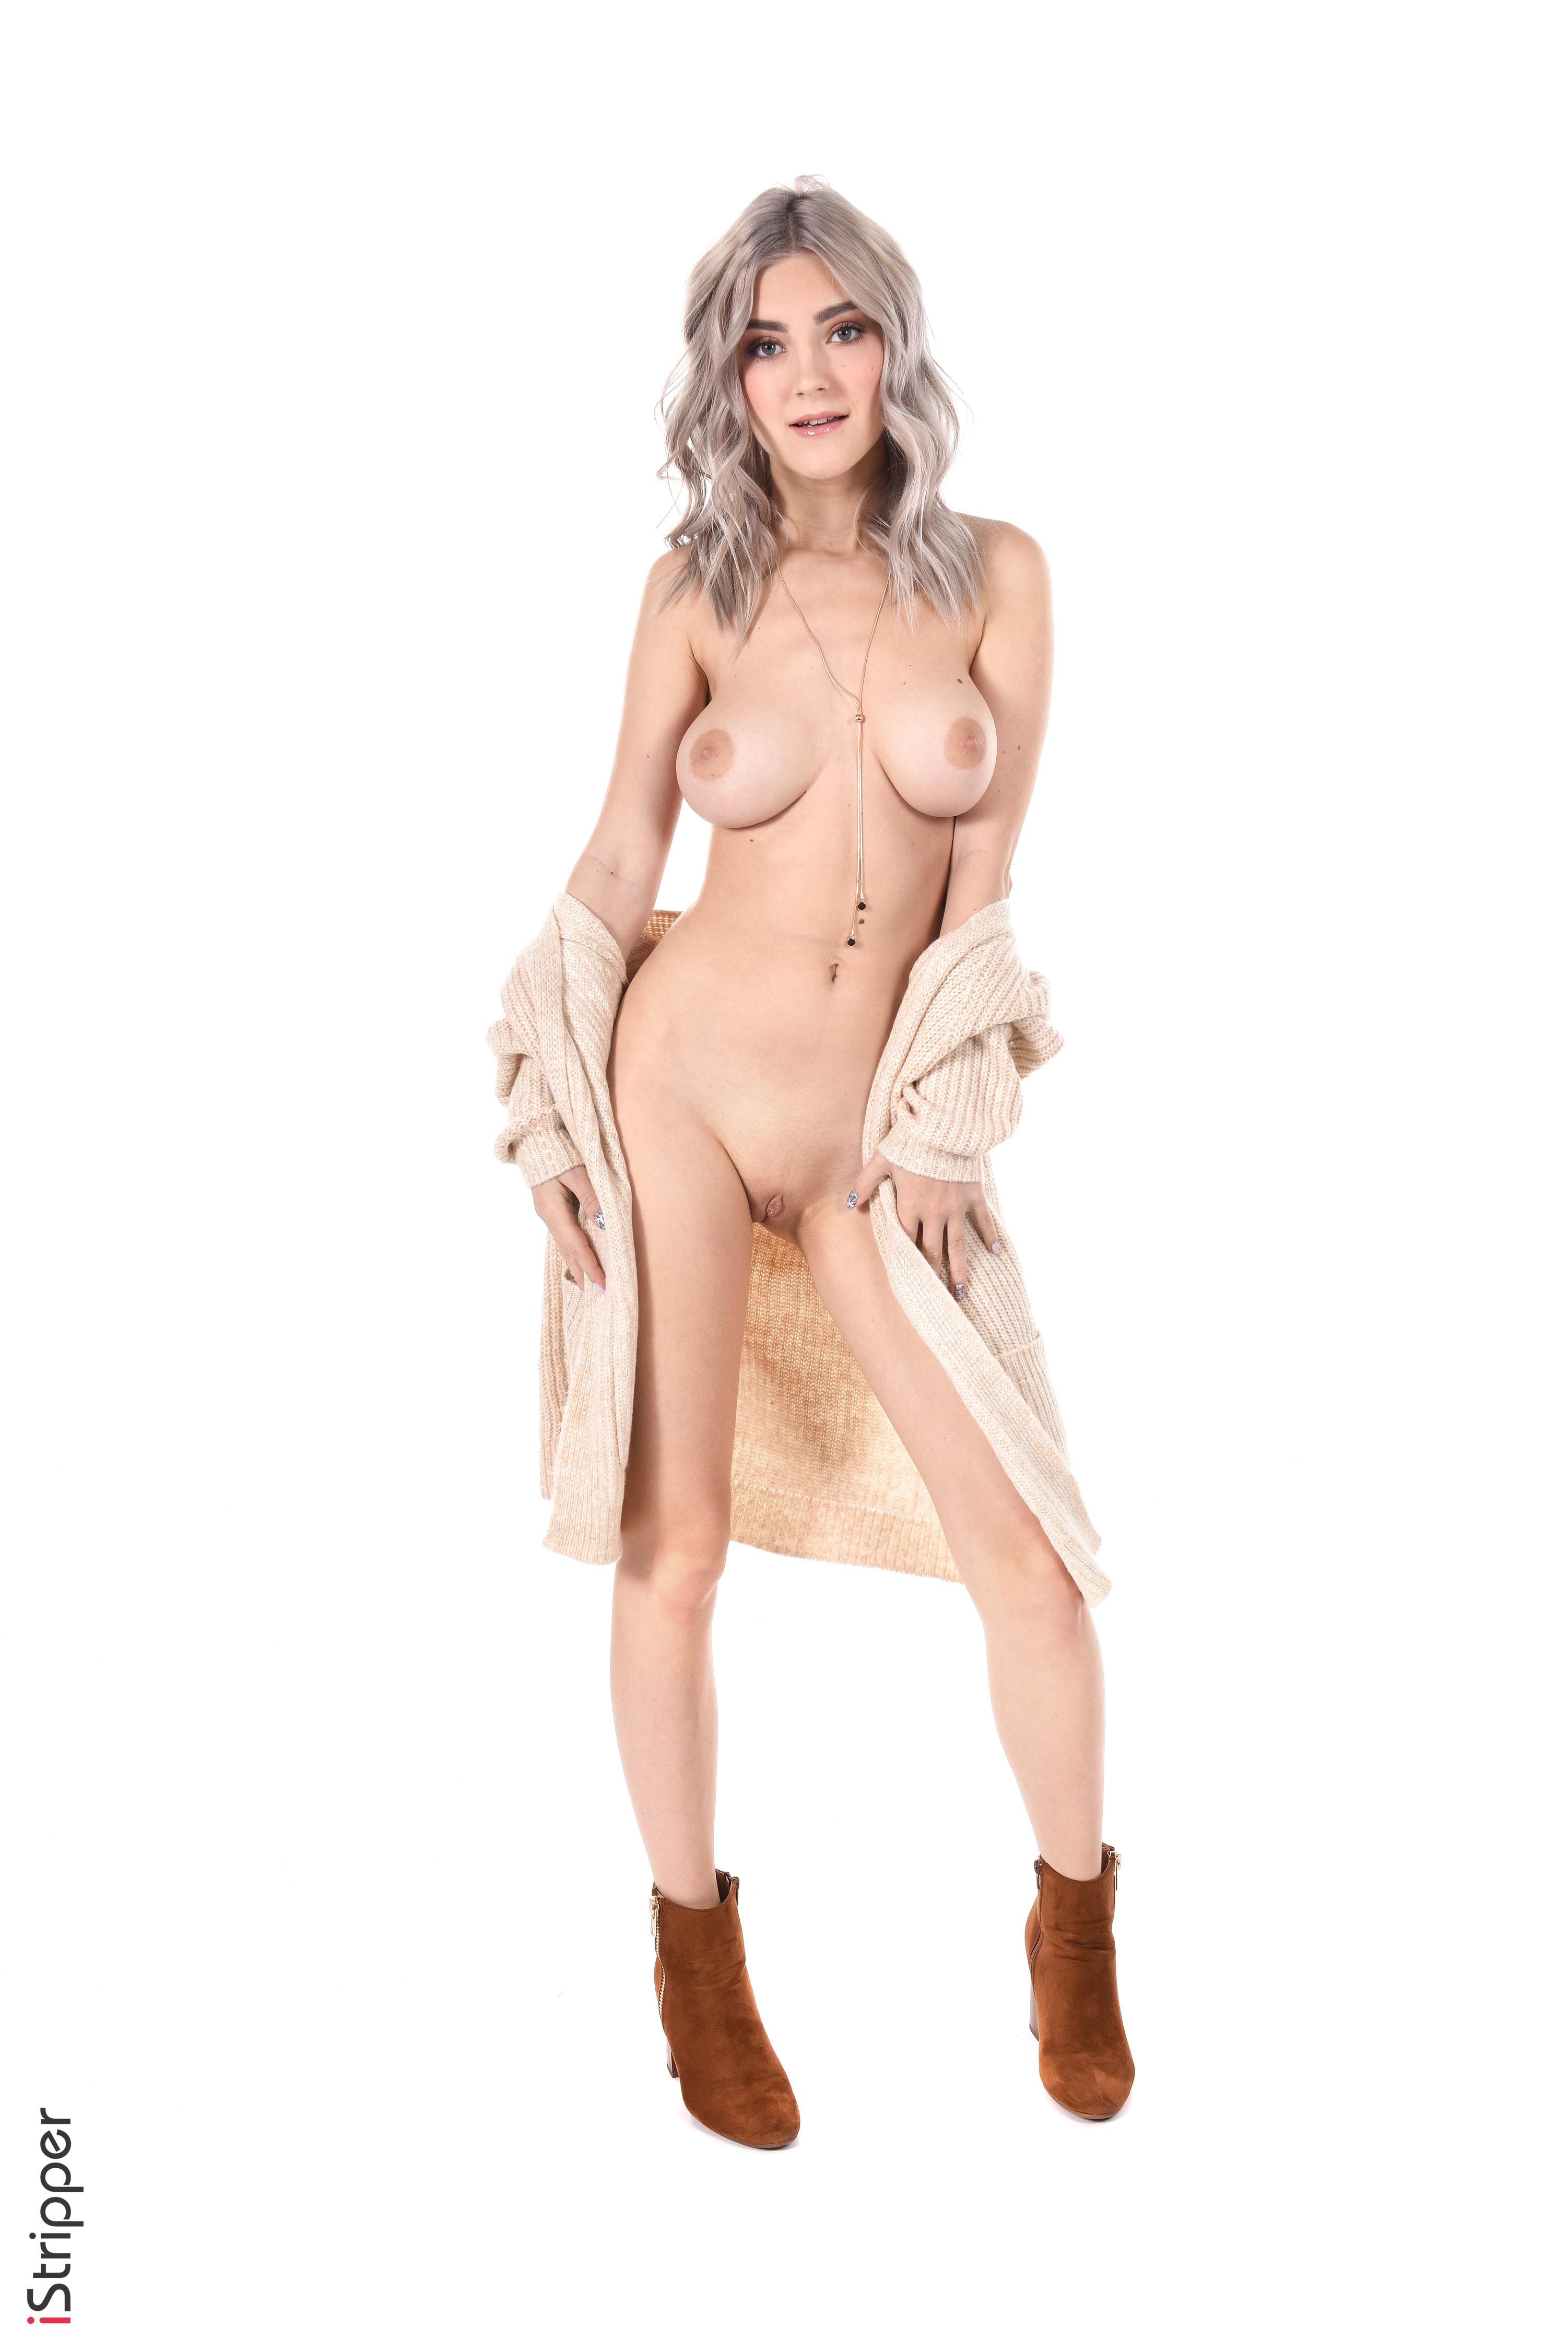 sexy Porno wallpaper hd